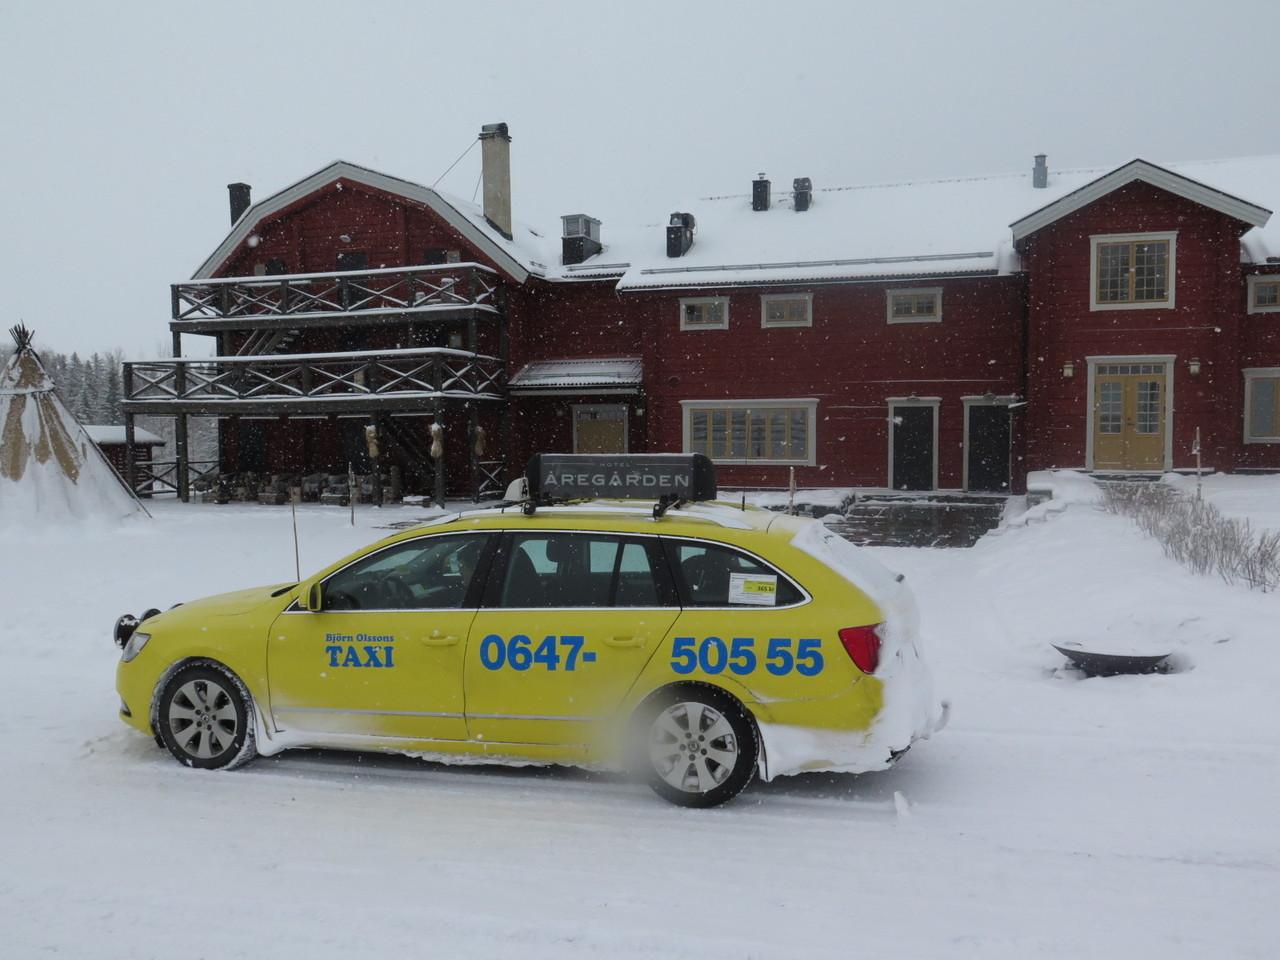 Estava quase a começar aquilo que parecia ser mais uma etapa do Rali da Suécia